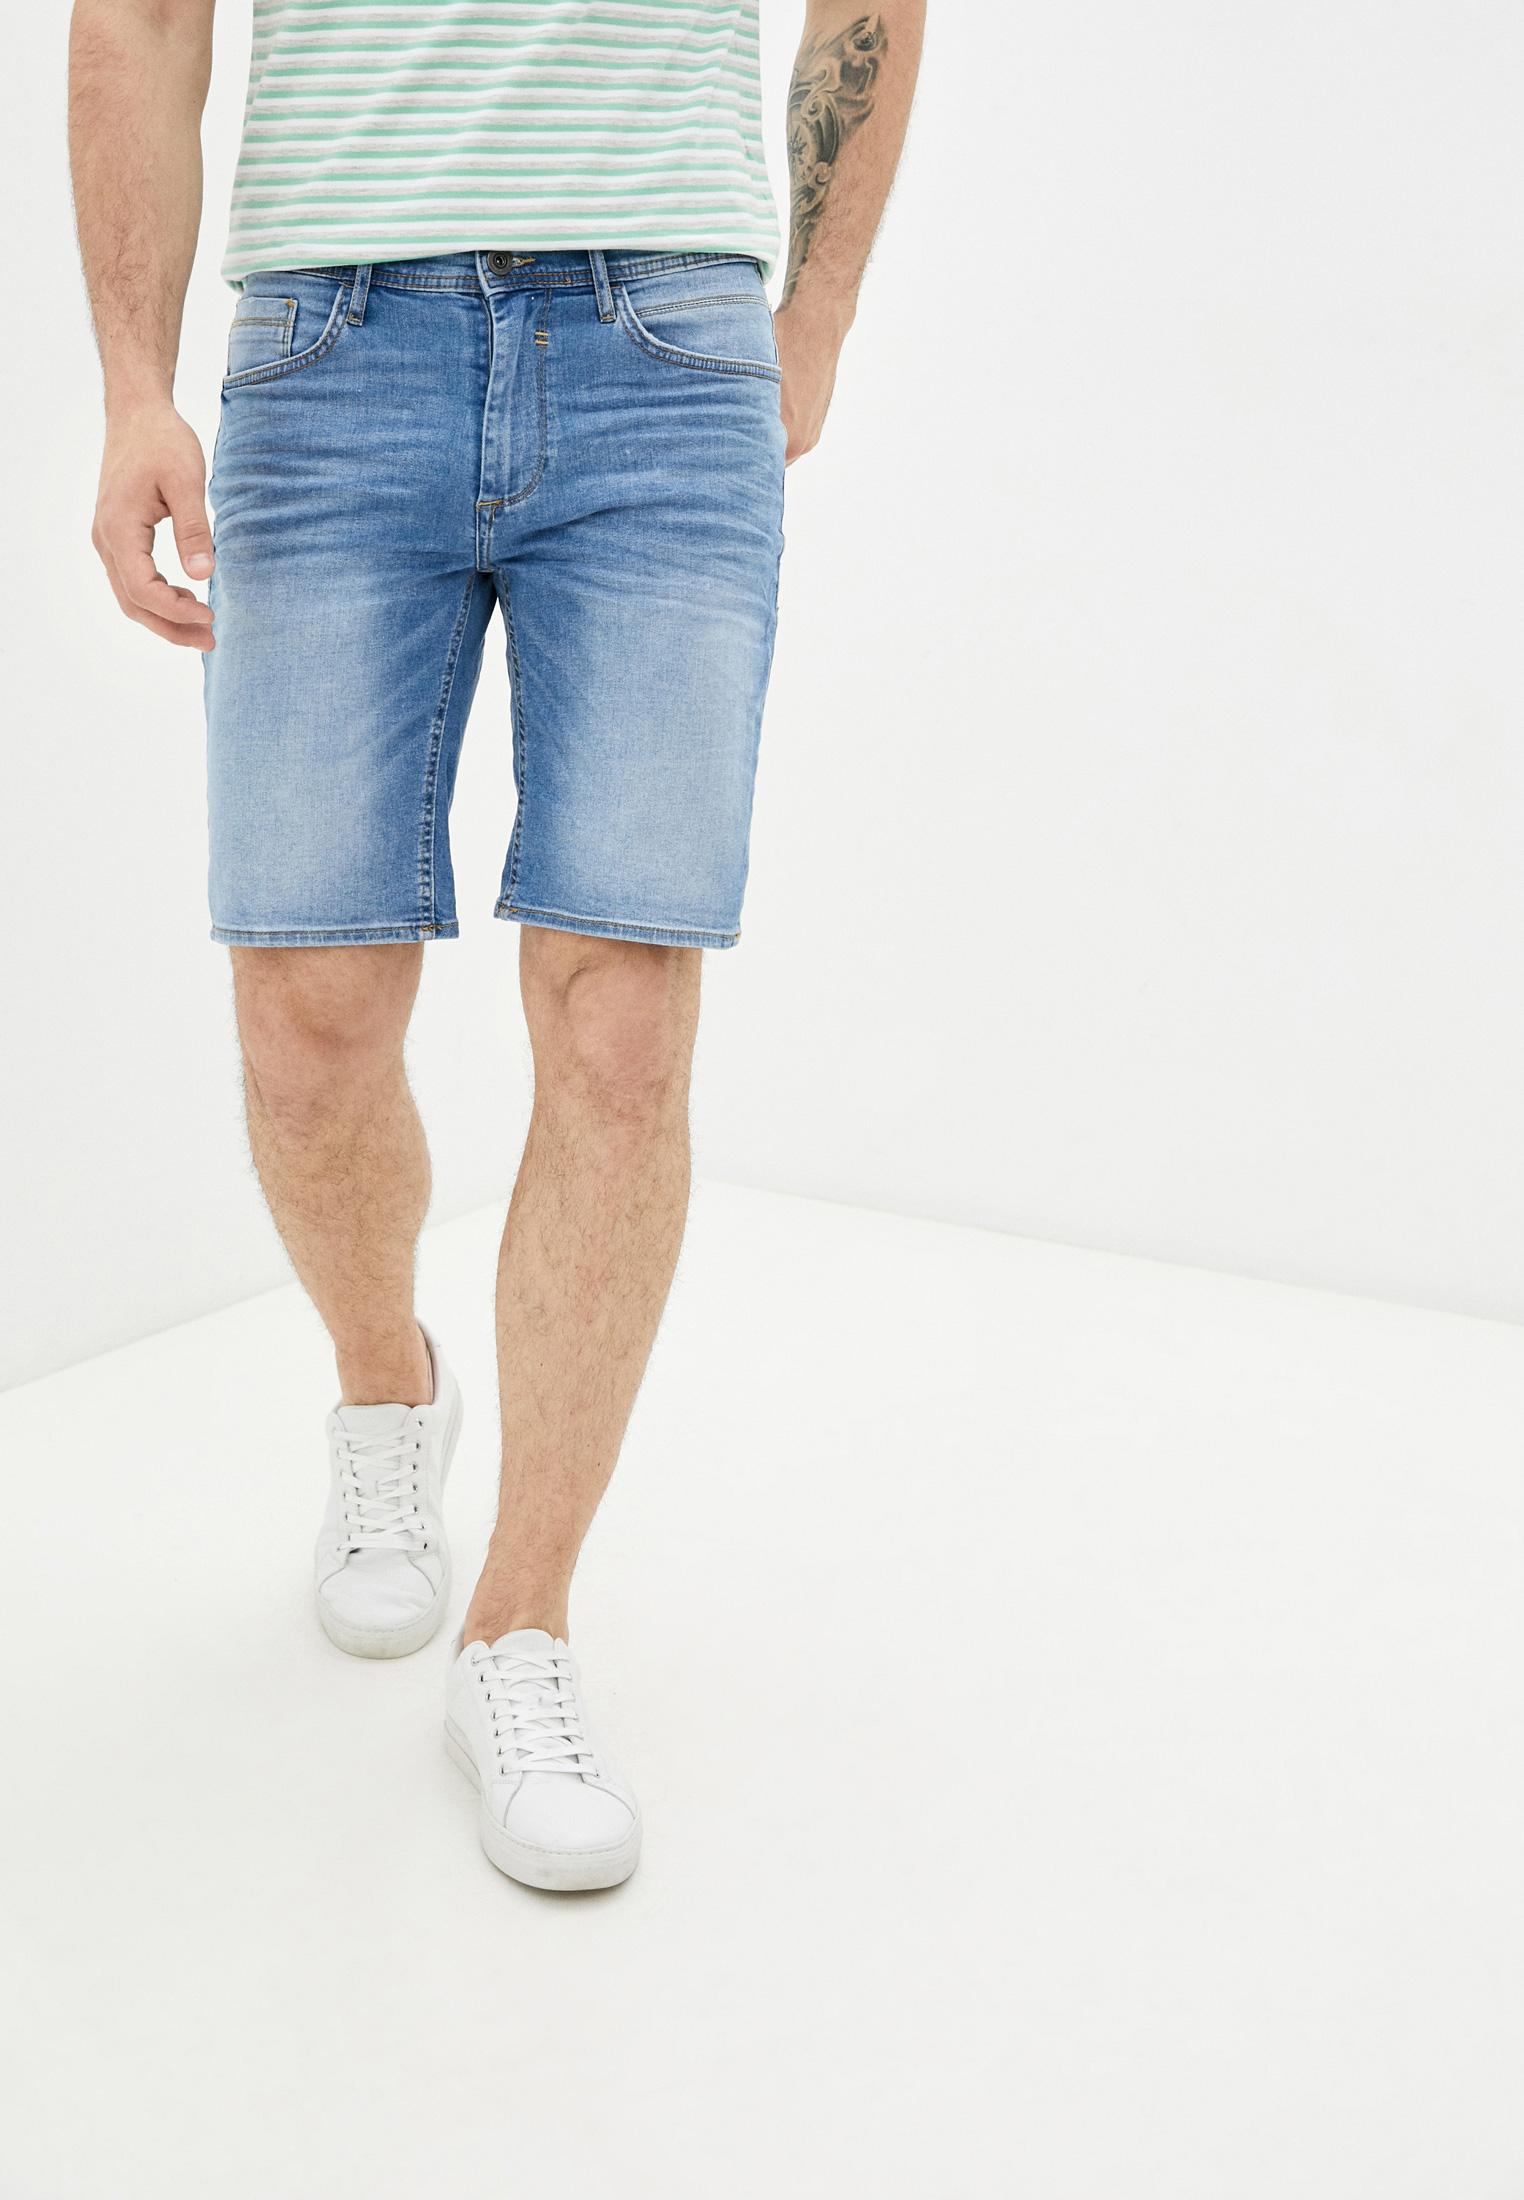 Мужские джинсовые шорты BOSTON Шорты джинсовые Boston